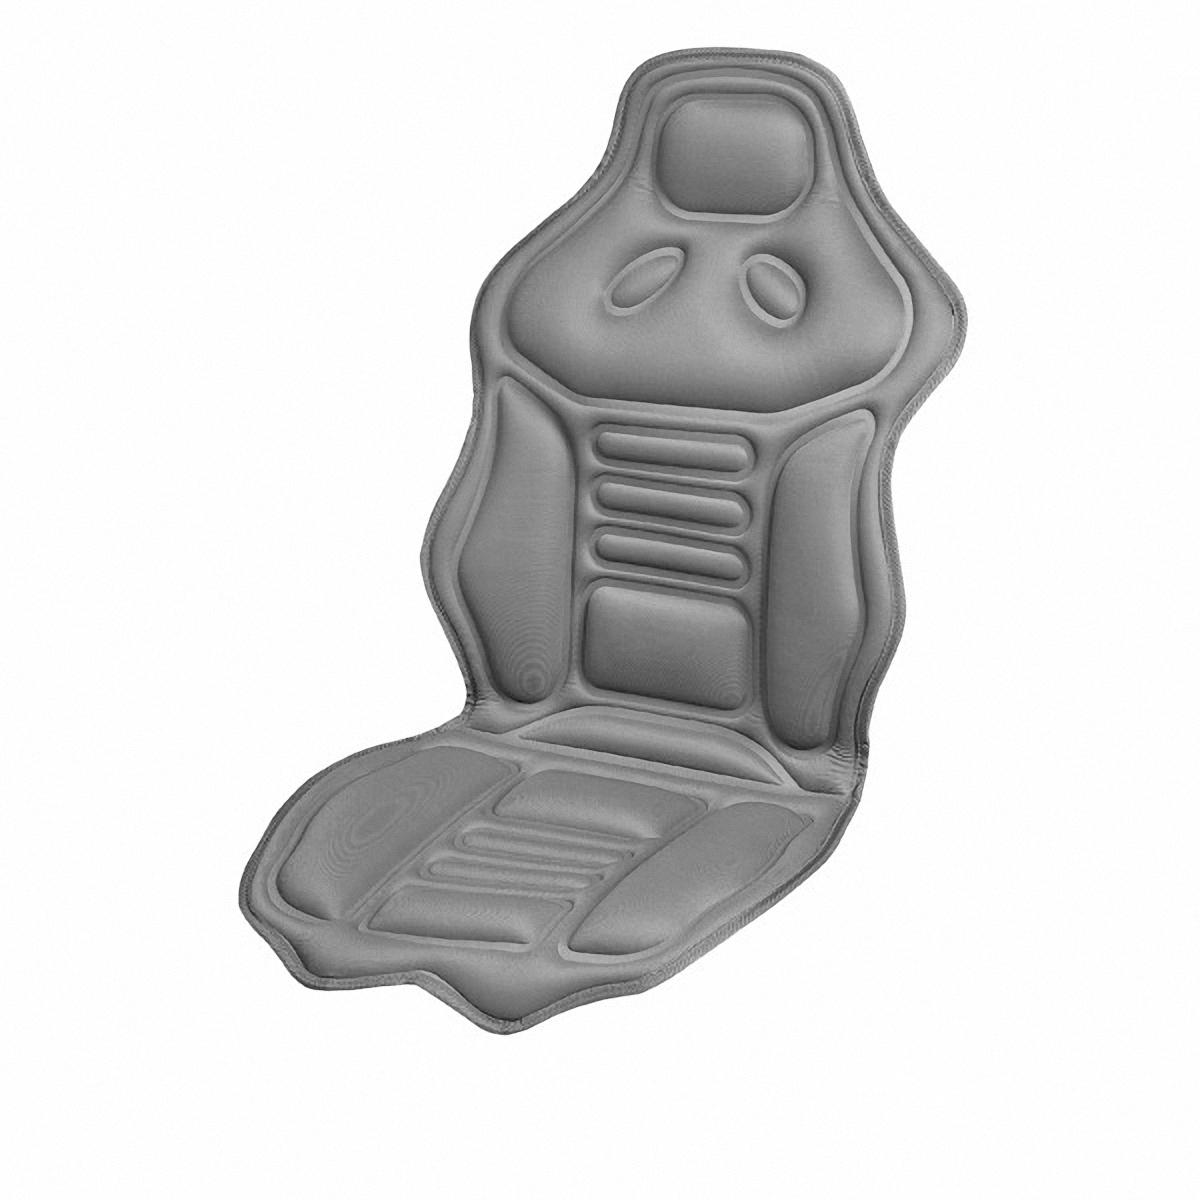 Чехол автомобильный Skyway, с подогревом, 120 х 51 смS02201003Чехол на сиденье Skyway предназначен для обогрева водителя или пассажира в автомобиле. Особенности:Универсальный размер.Снижает усталость при управлении автомобилем.Обеспечивает комфортное вождение в холодное время года. Простая и быстрая установка.Умеренный и интенсивный режим нагрева.Терморегулятор для изменения интенсивности нагрева.Защита крепления шнура питания к подогреву.Питание от гнезда прикуривателя 12В.Размер: 120 х 51 см.